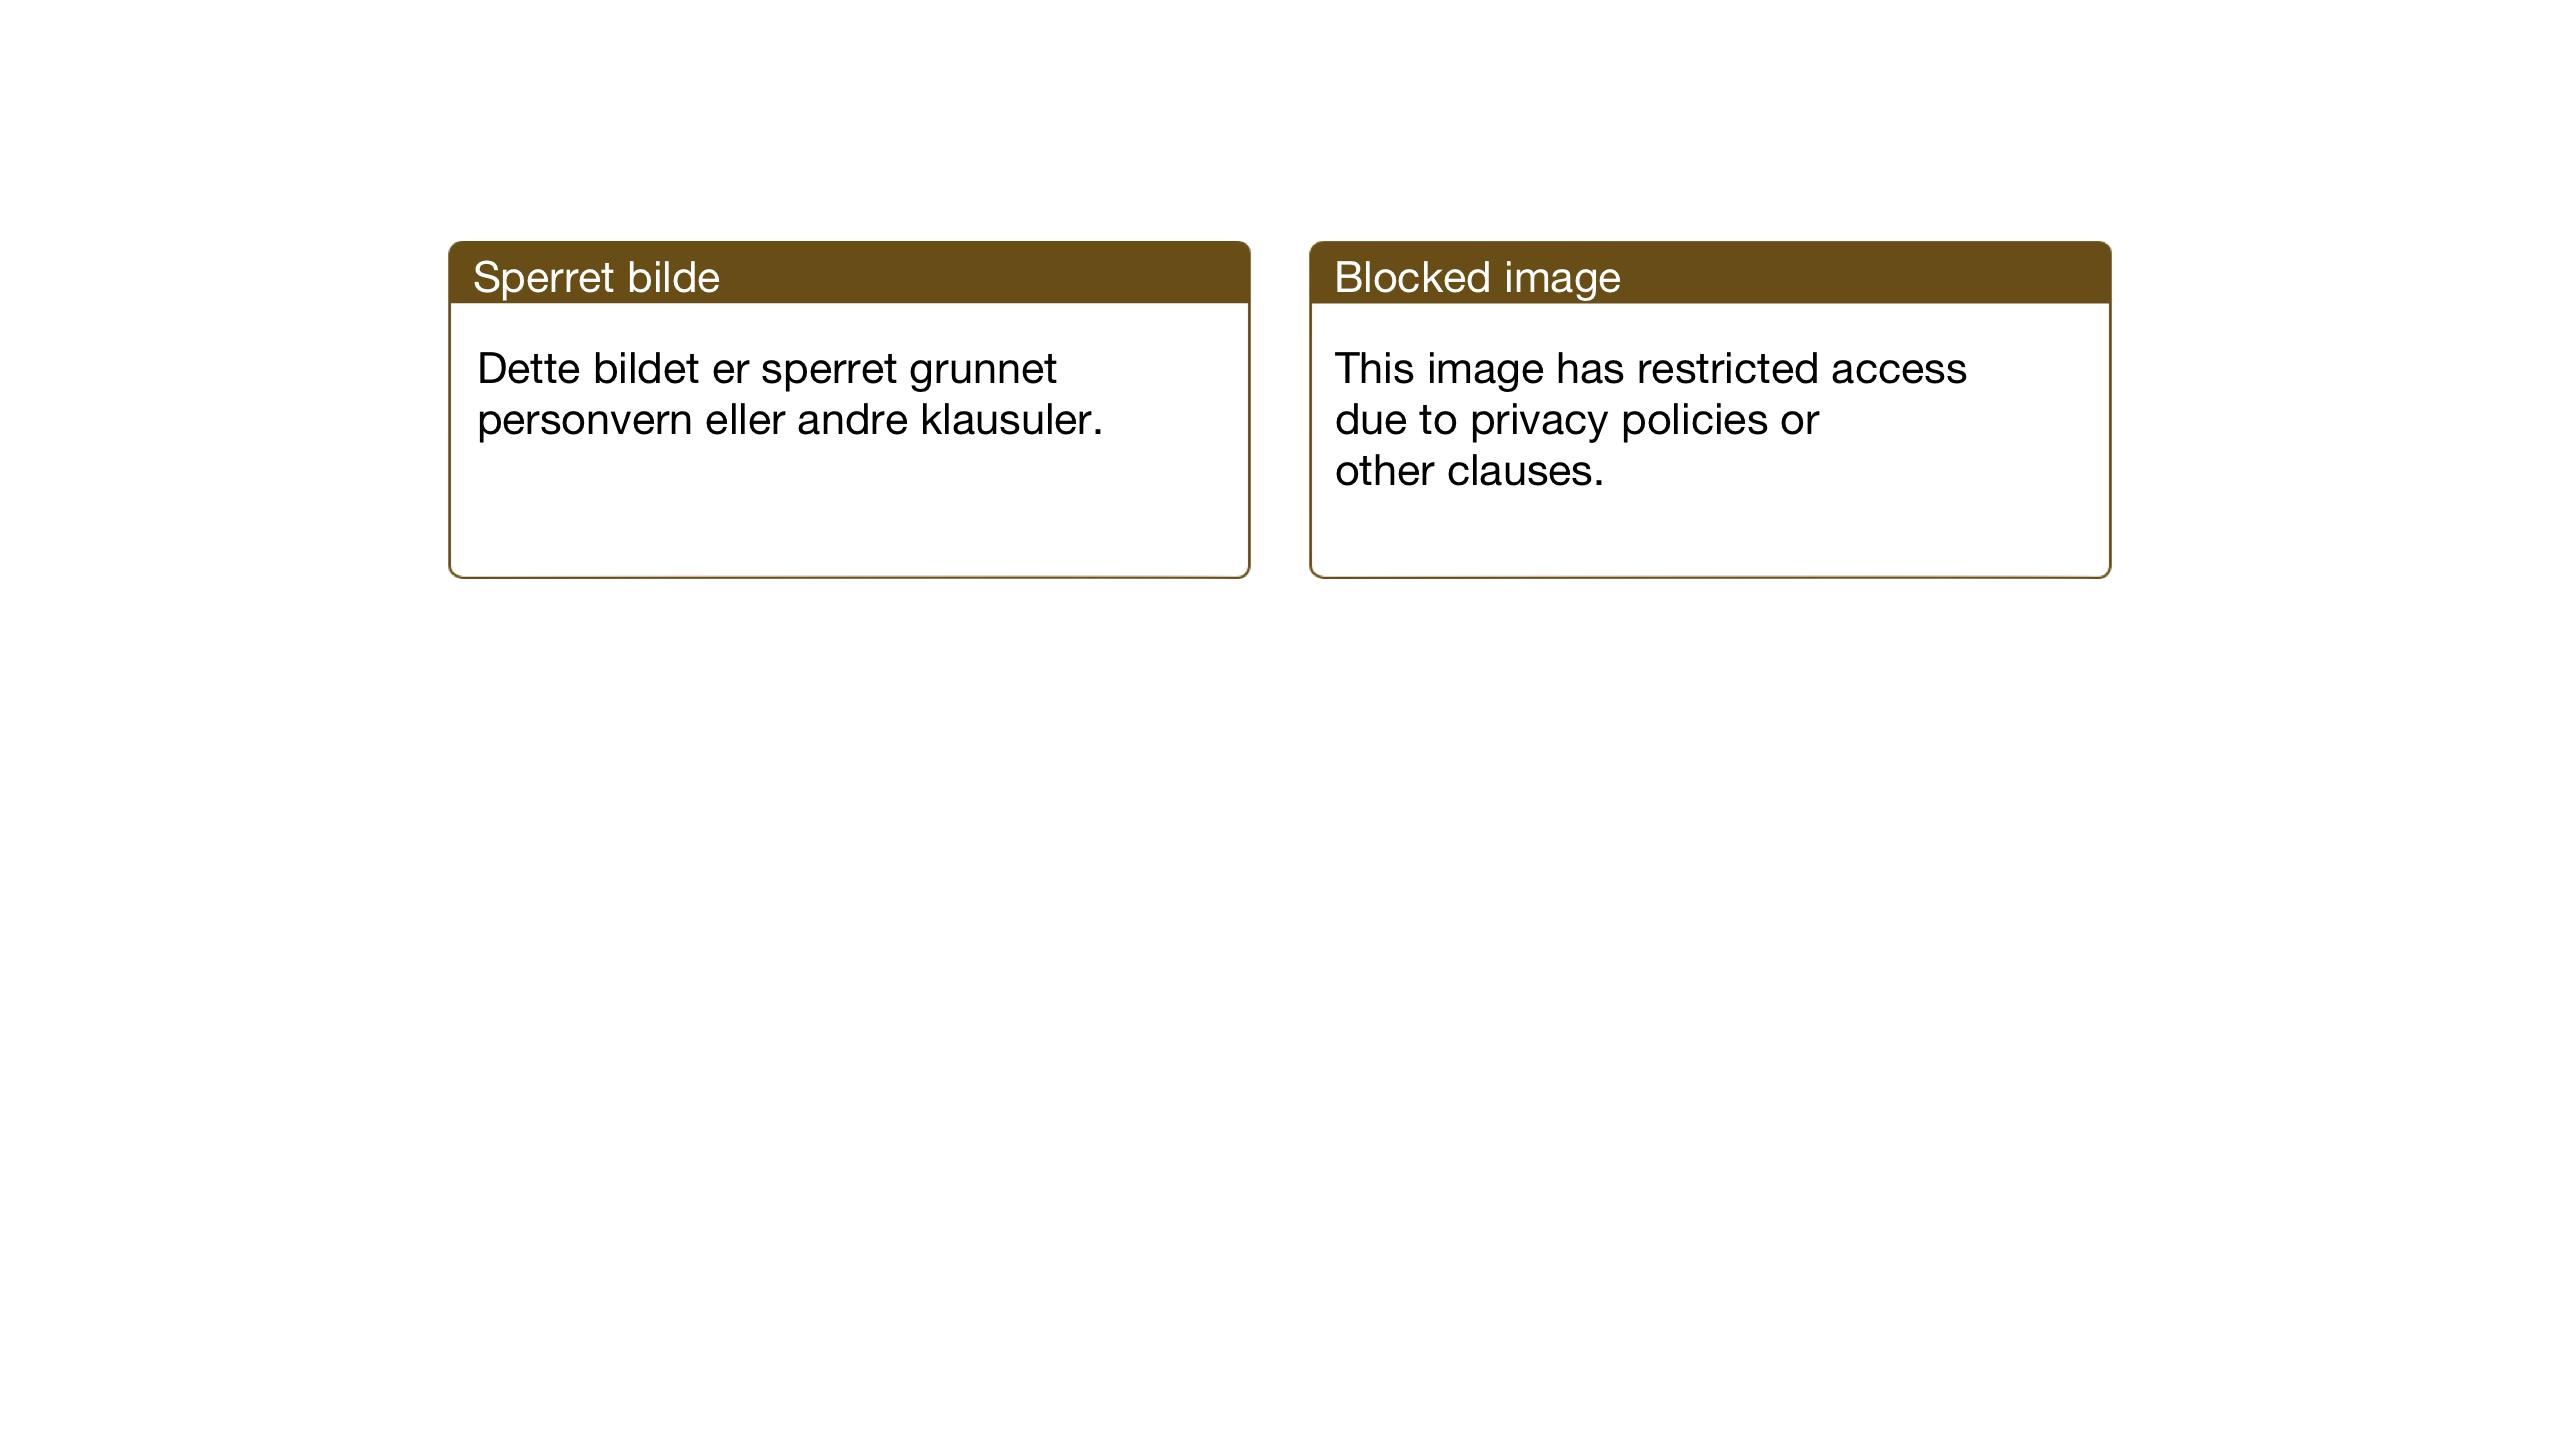 SAT, Ministerialprotokoller, klokkerbøker og fødselsregistre - Sør-Trøndelag, 615/L0401: Klokkerbok nr. 615C02, 1922-1941, s. 165